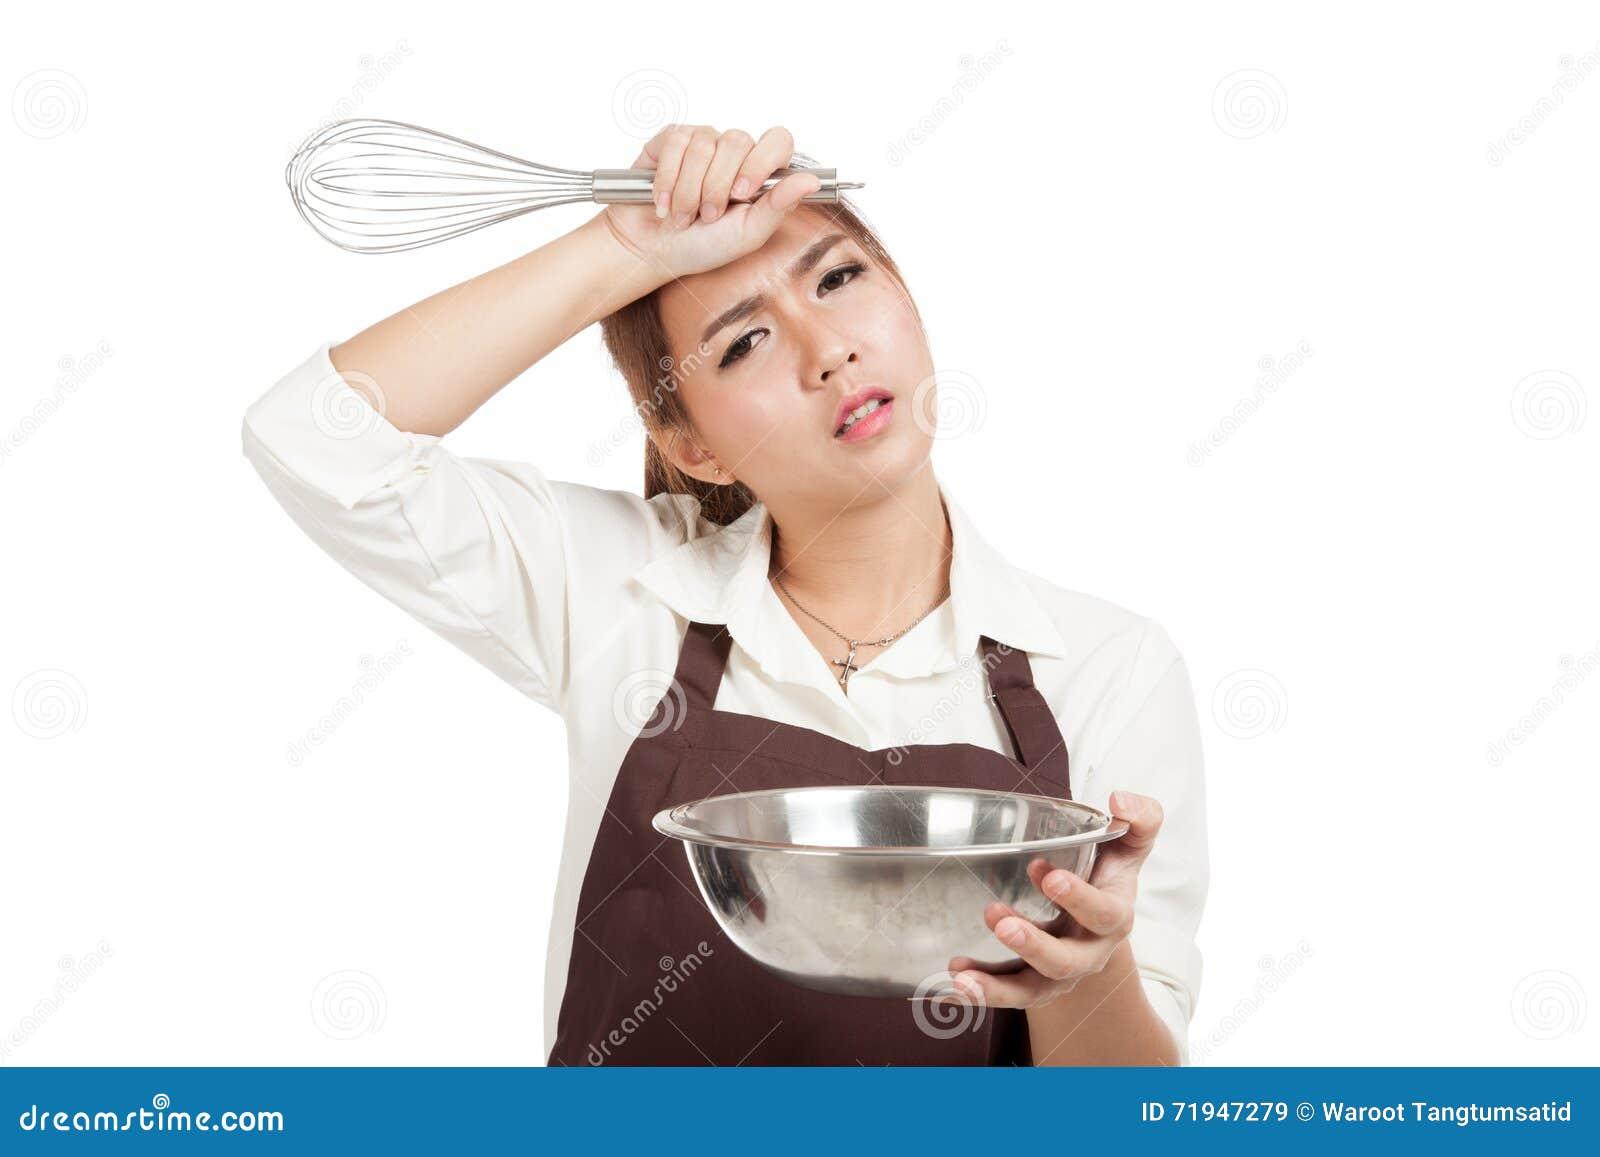 Вымотанная азиатская девушка хлебопека с юркнет и шар